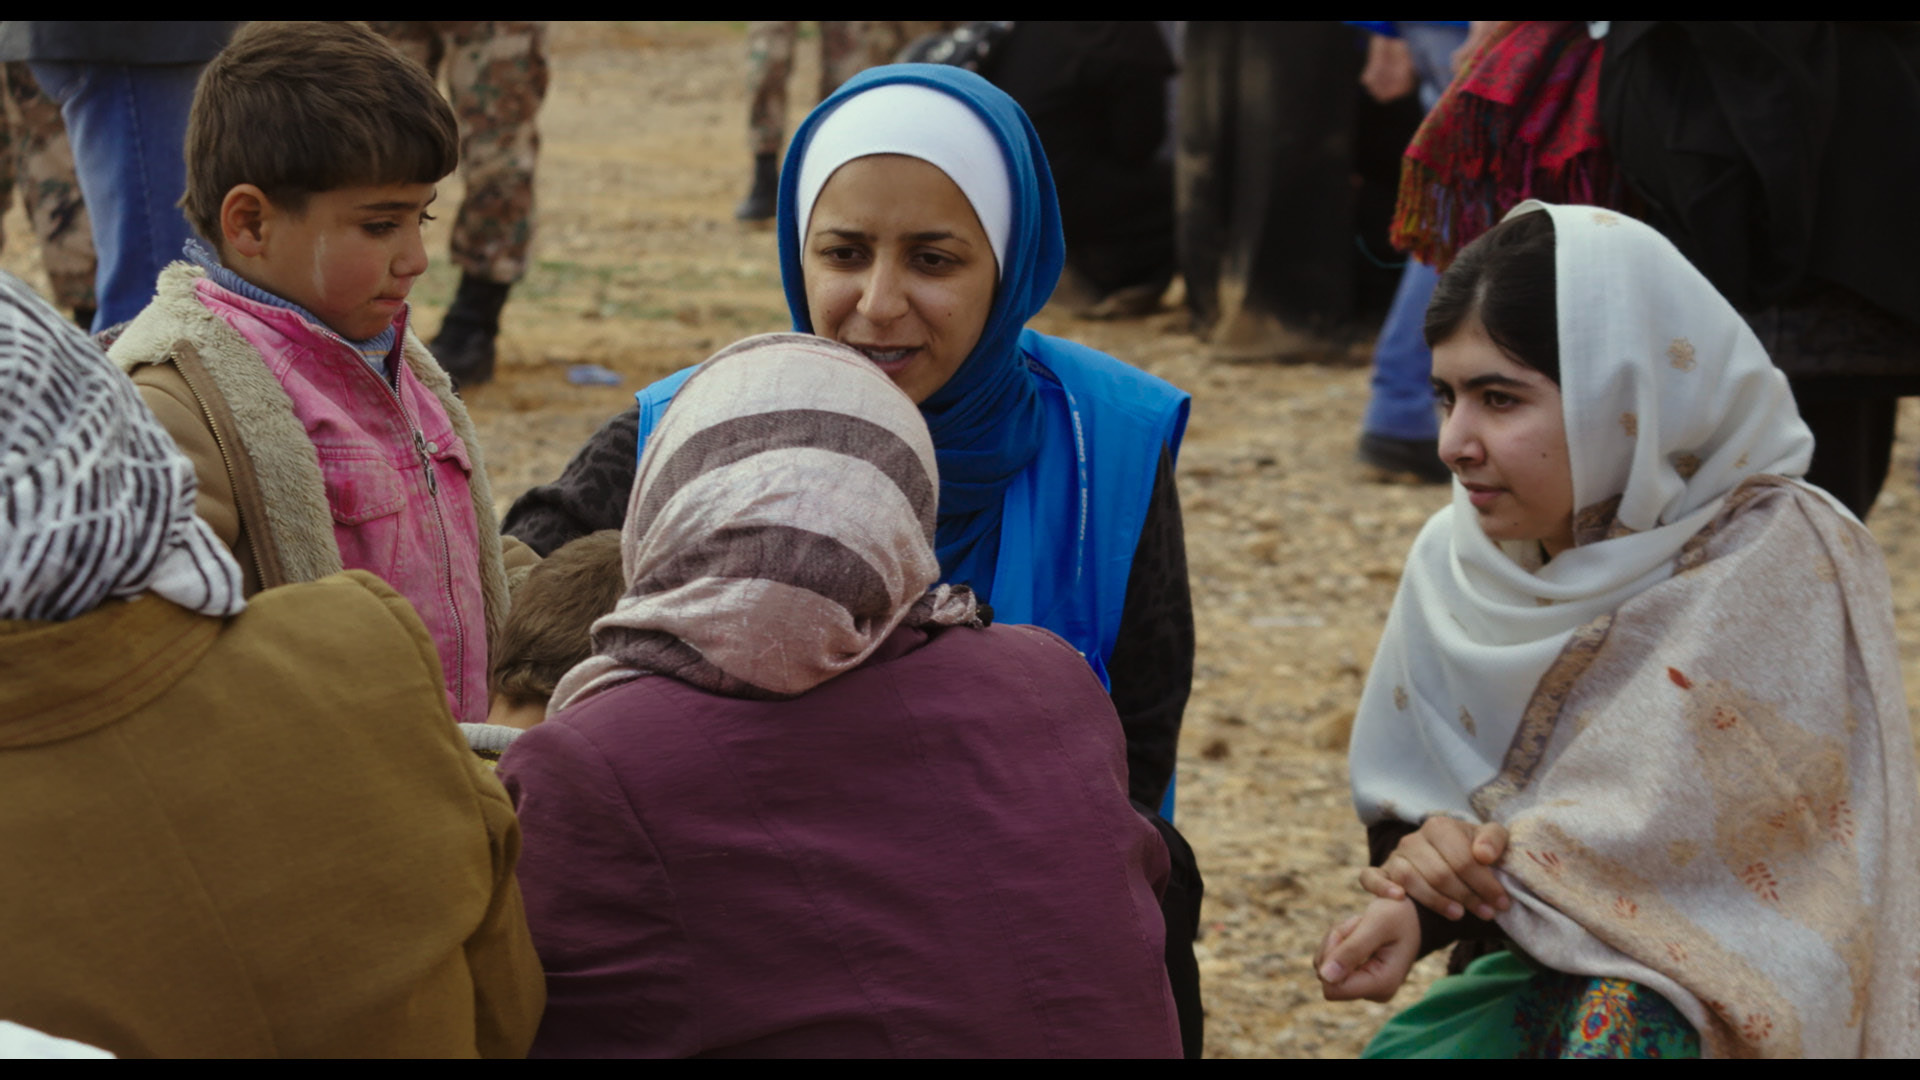 Nida Yassin and Malala Yousafzai at the Jordan/Syrian border.